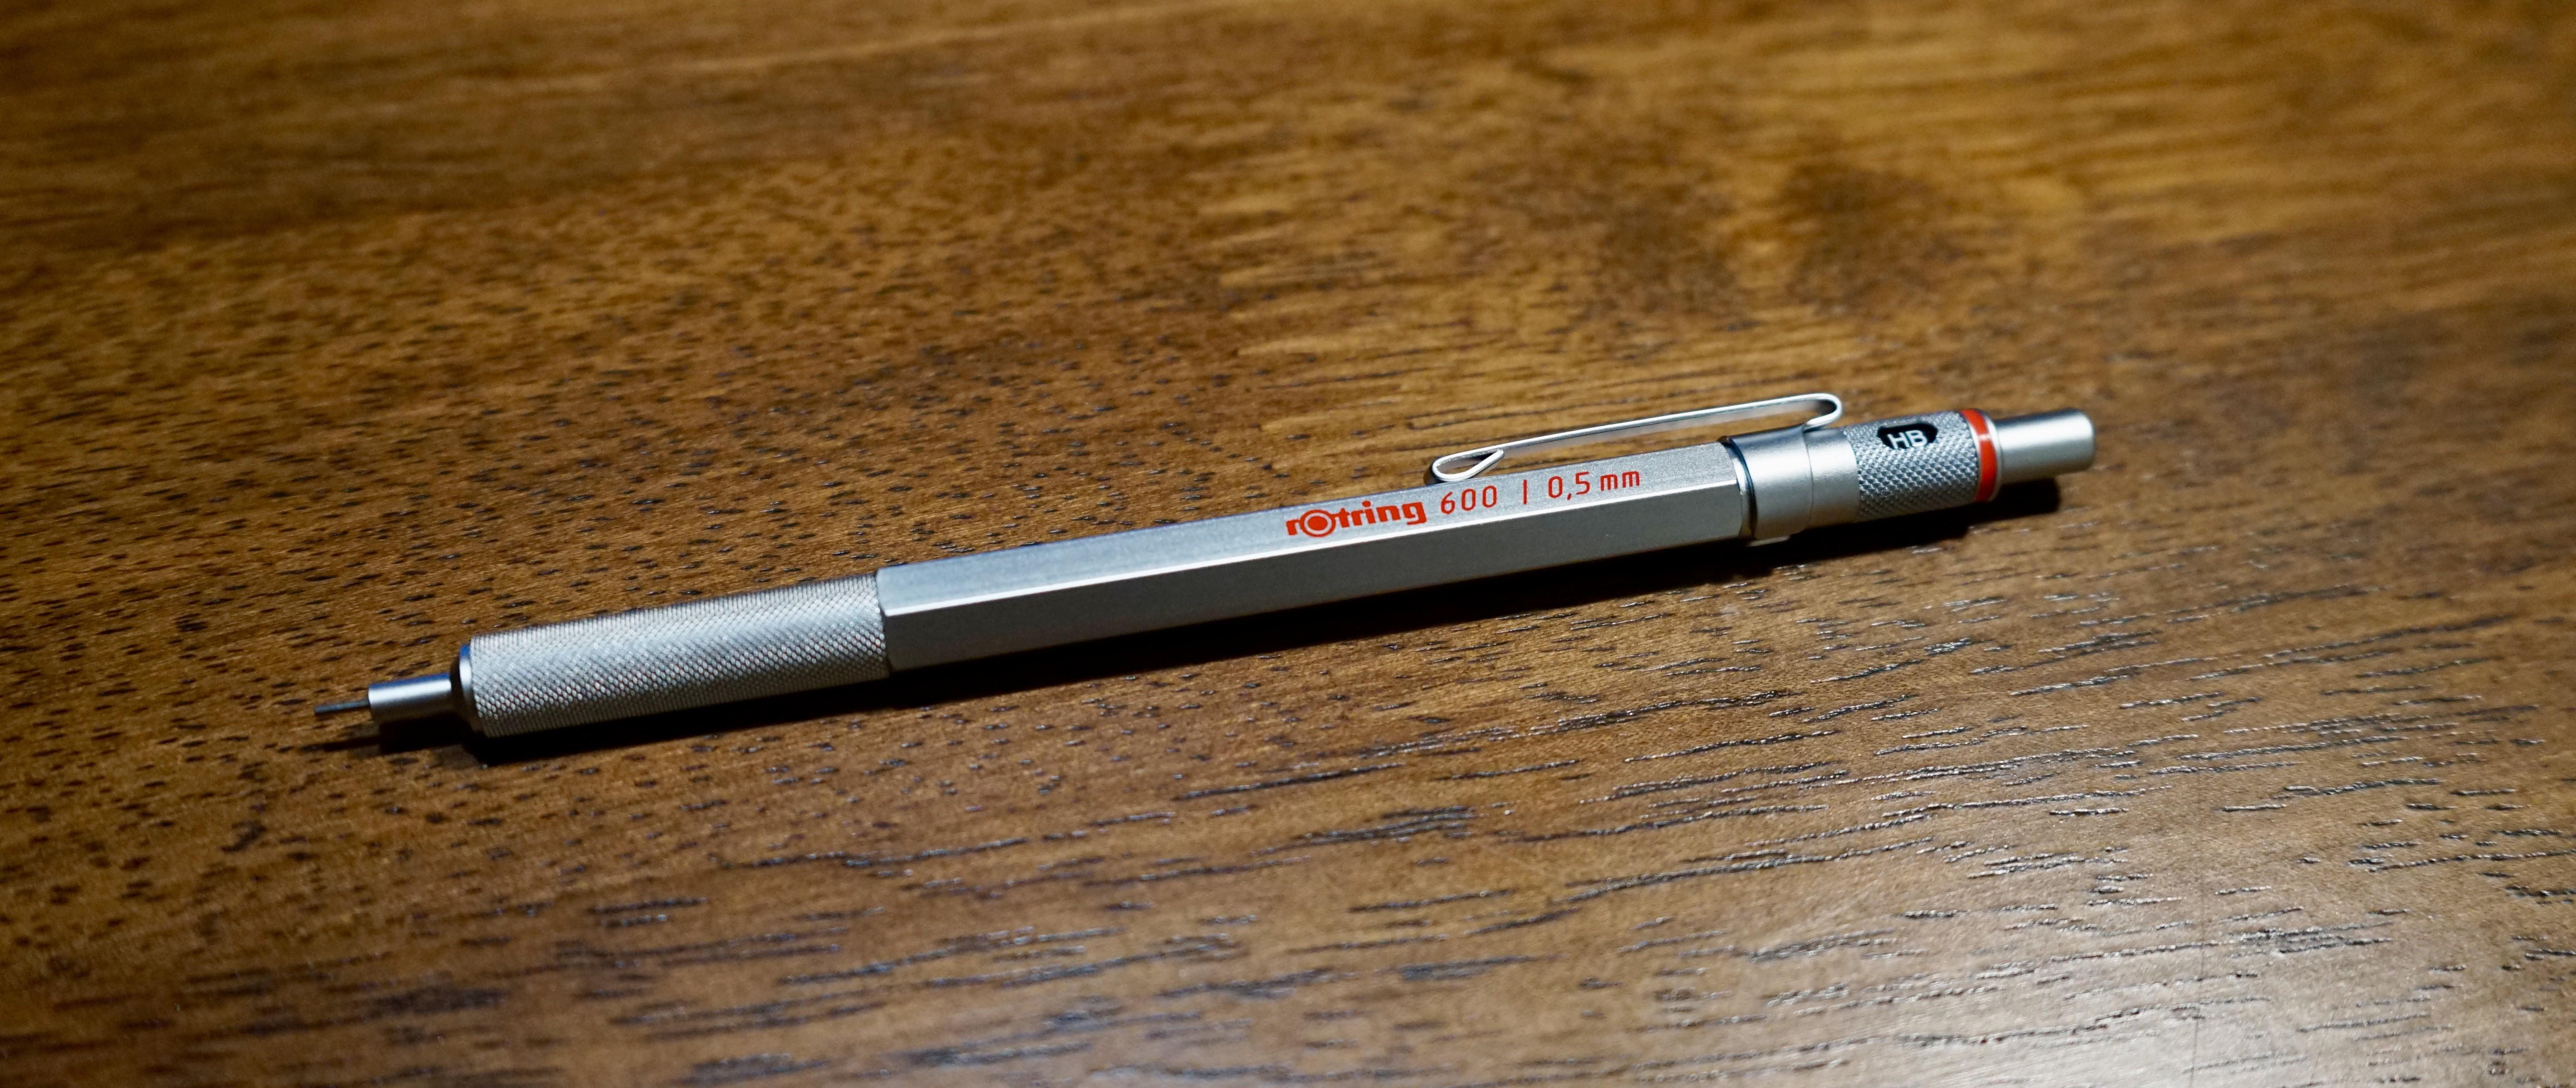 精致即为正义—rOtring 红环 600 自动铅笔上手